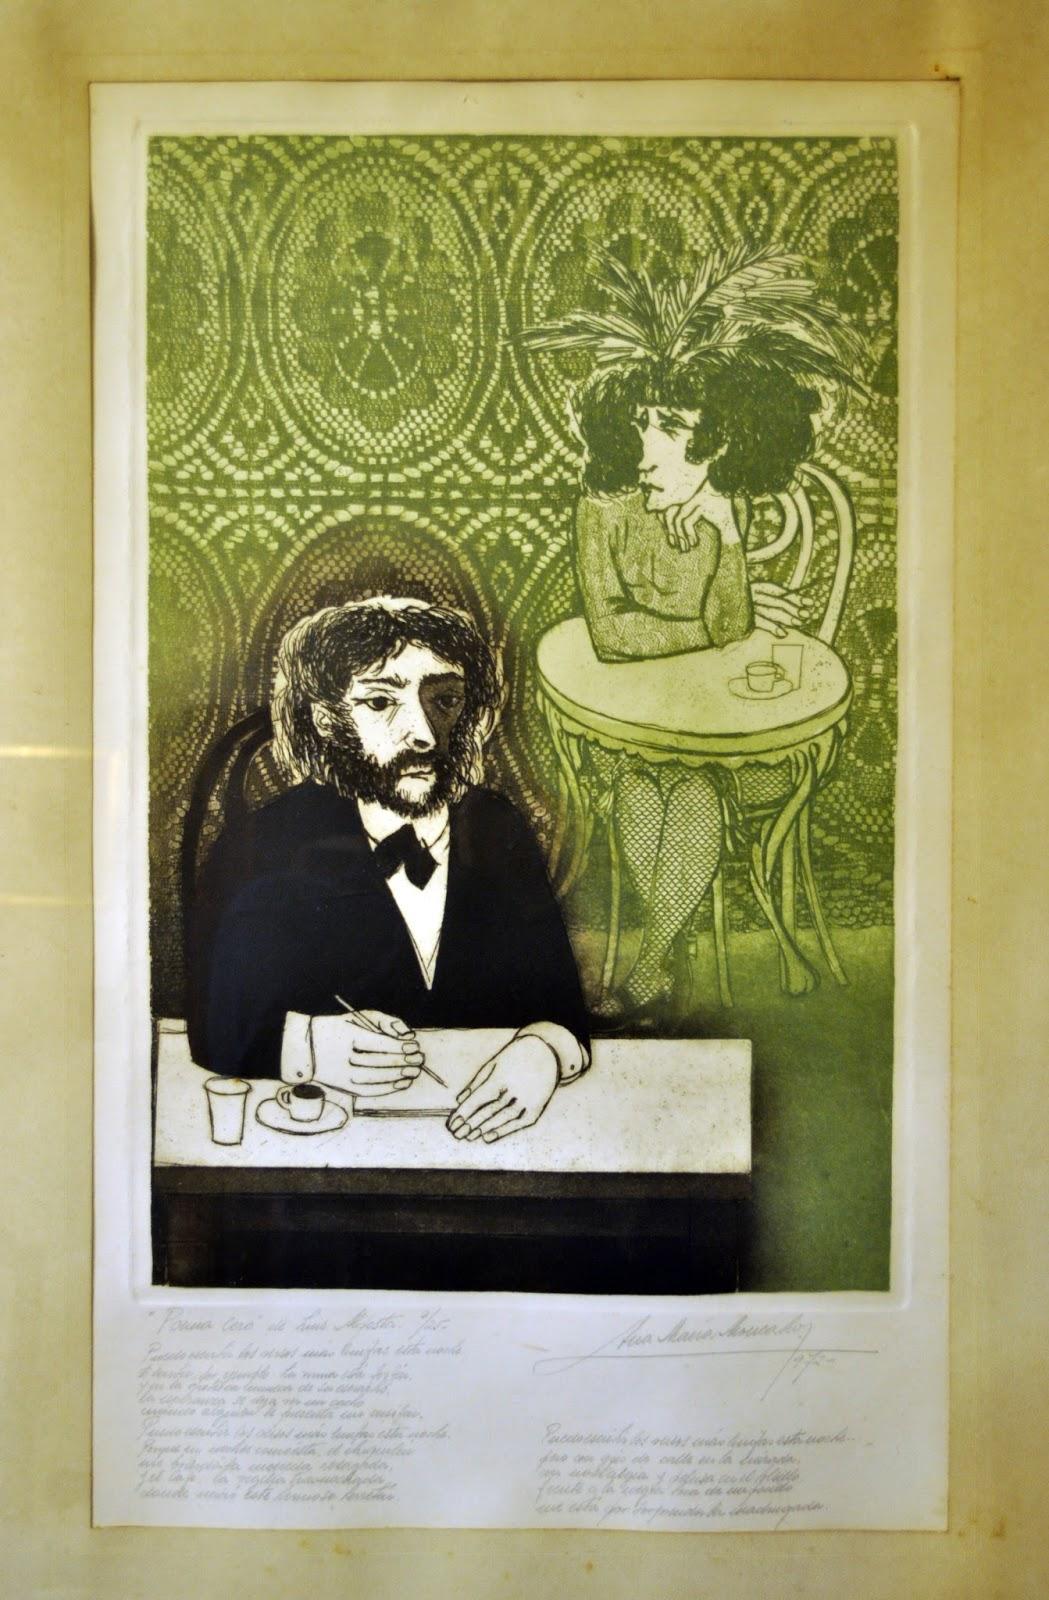 Luis Alposta Aires De Poema Norberto Cero Buenos nWE6ZS